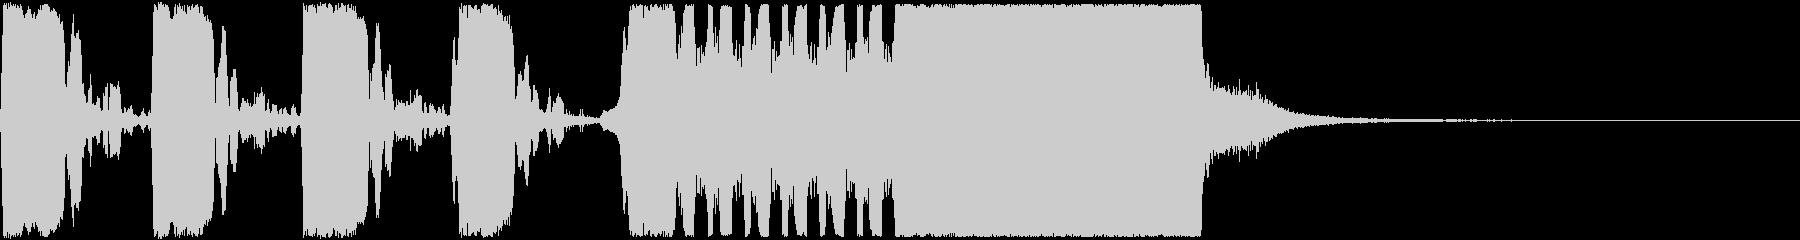 ゲームオーバー下がっていくトランペットの未再生の波形